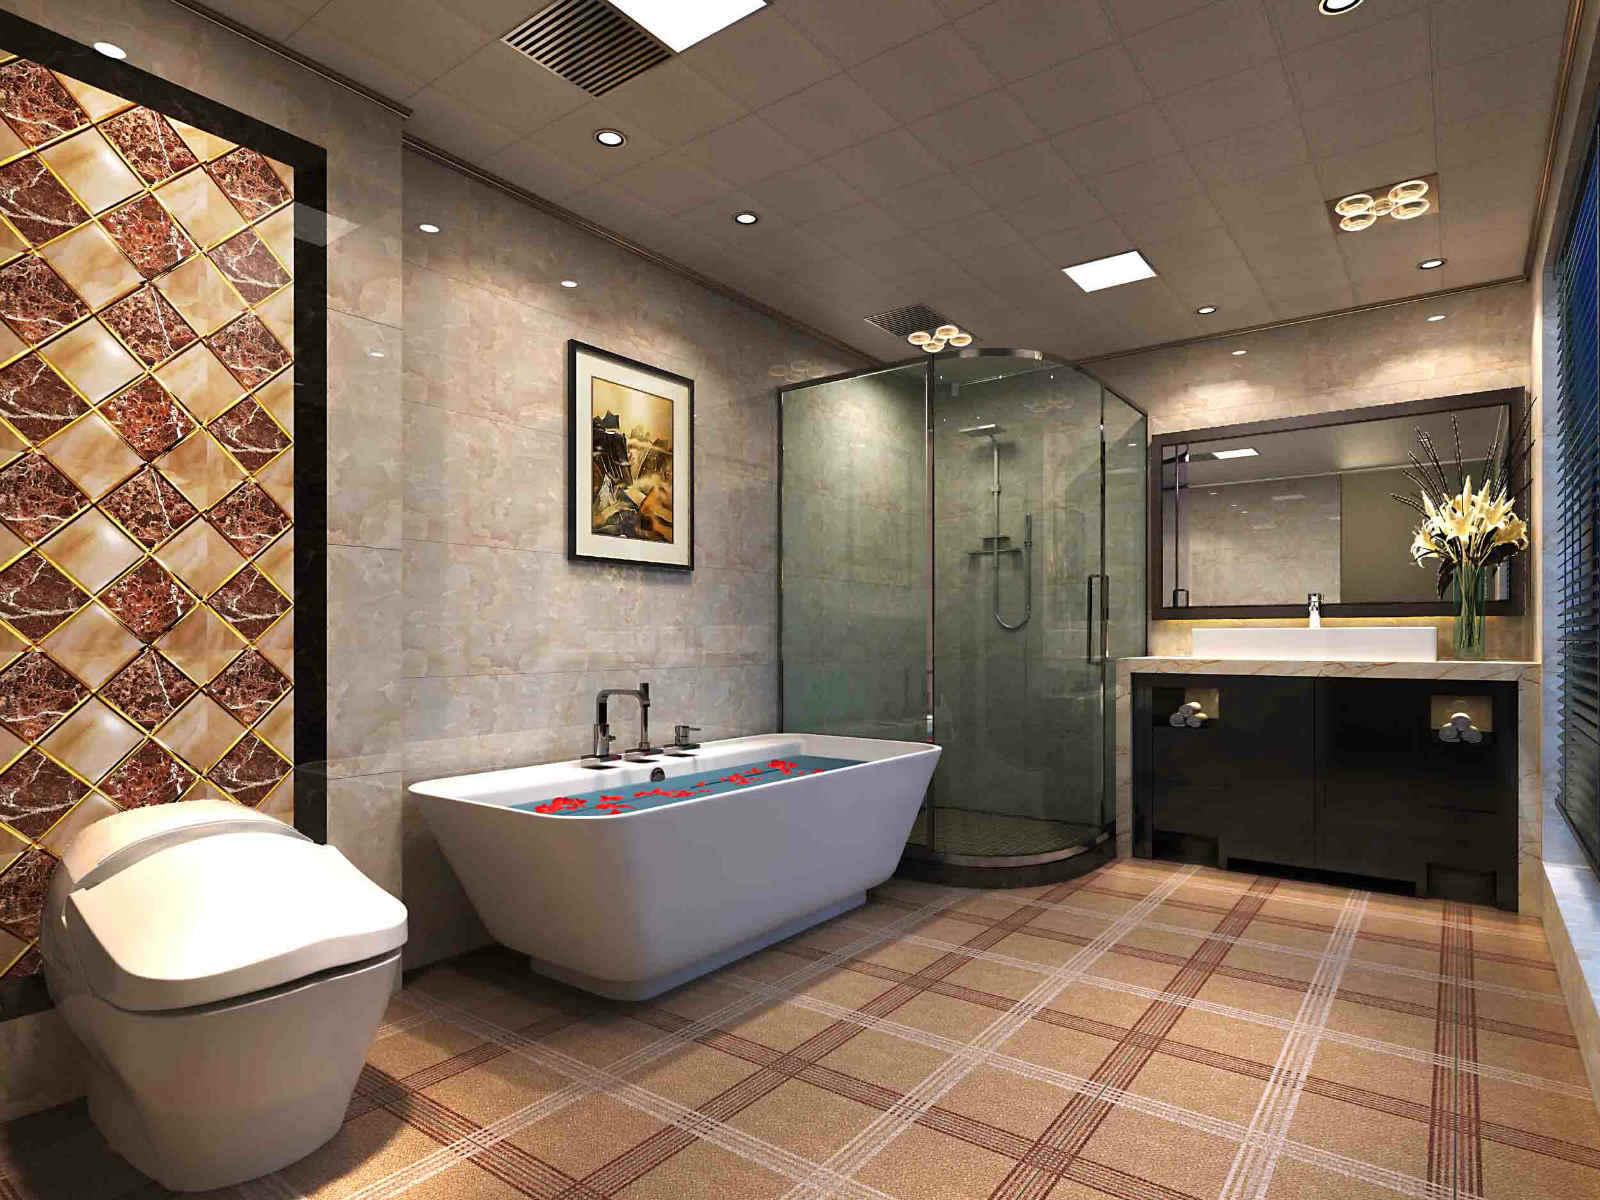 新中式別墅帶浴缸的衛生間裝修效果圖大全圖片